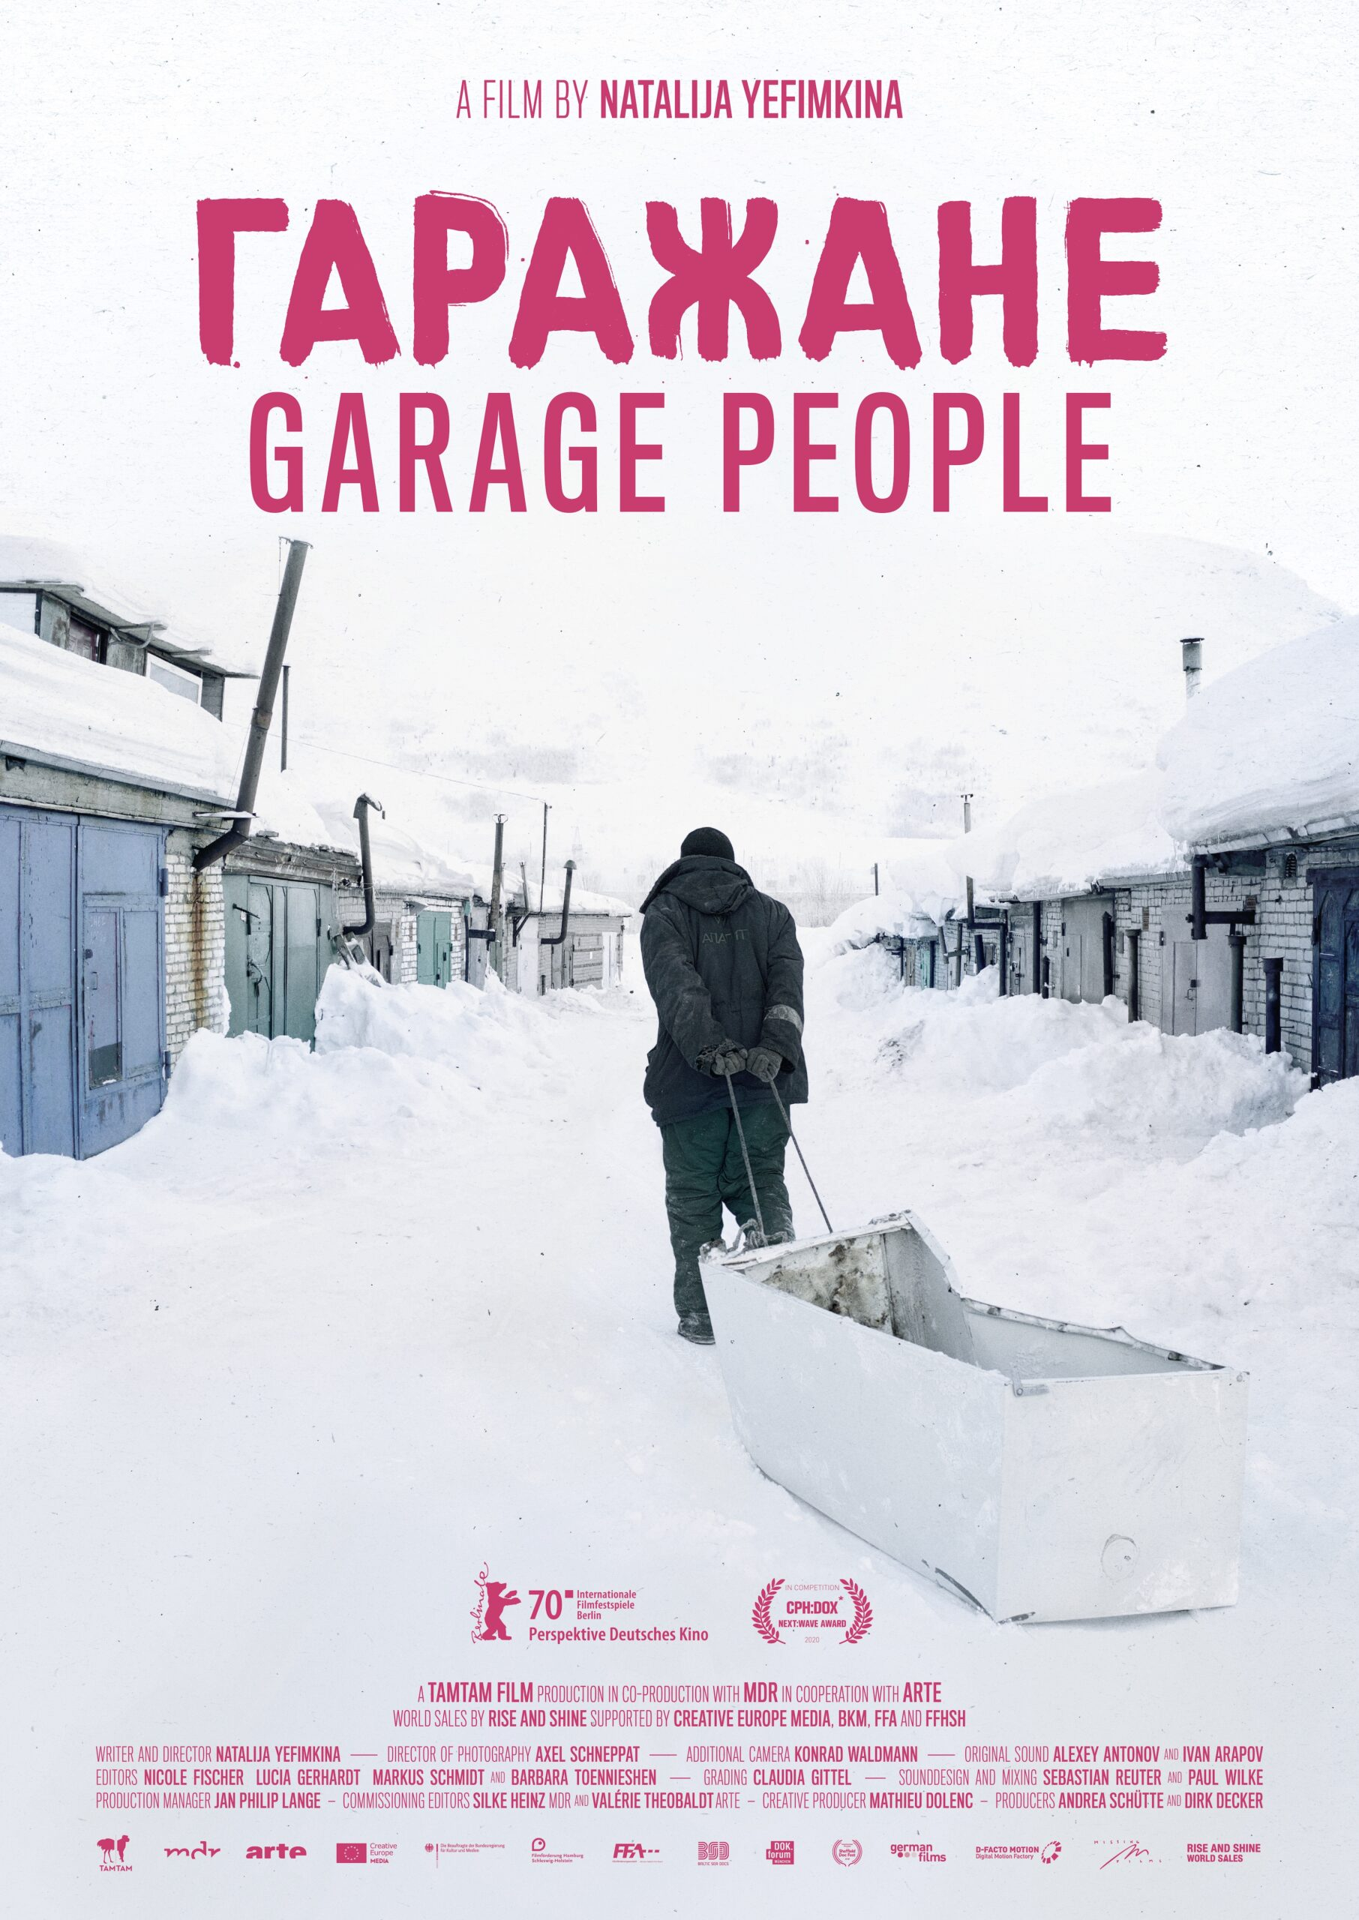 Ljudi iz garaže